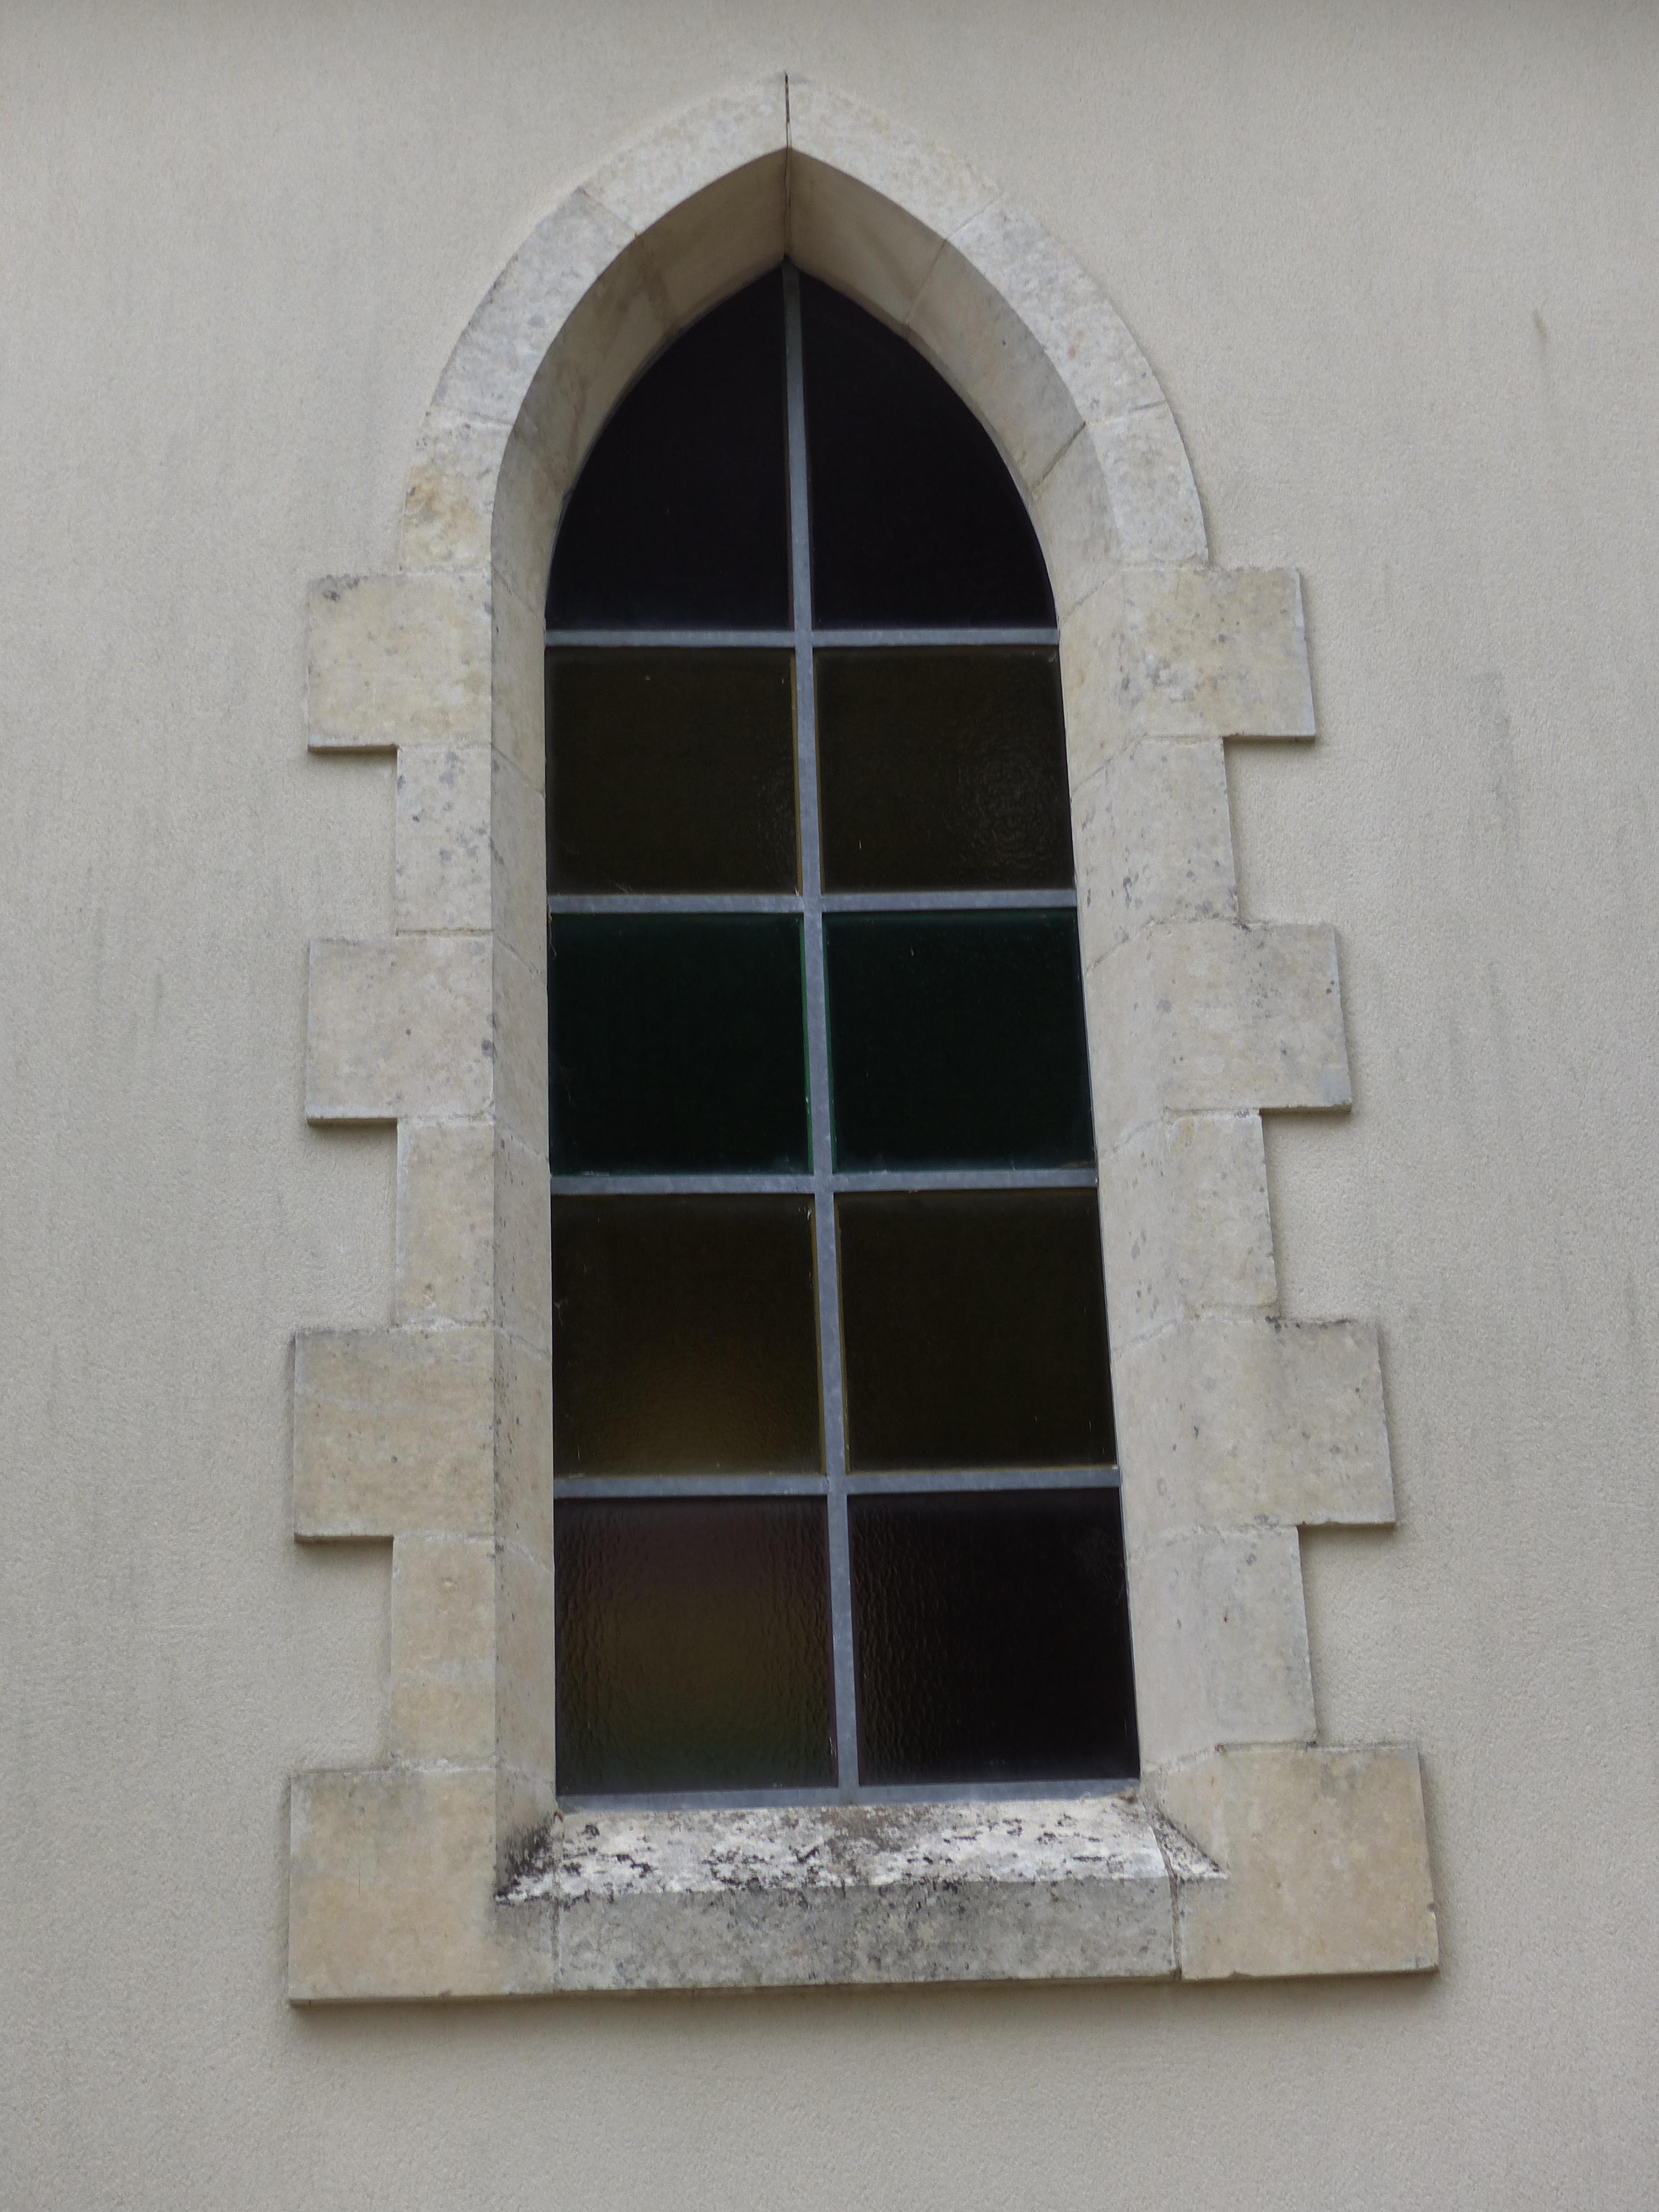 Fenêtre en arc brisé